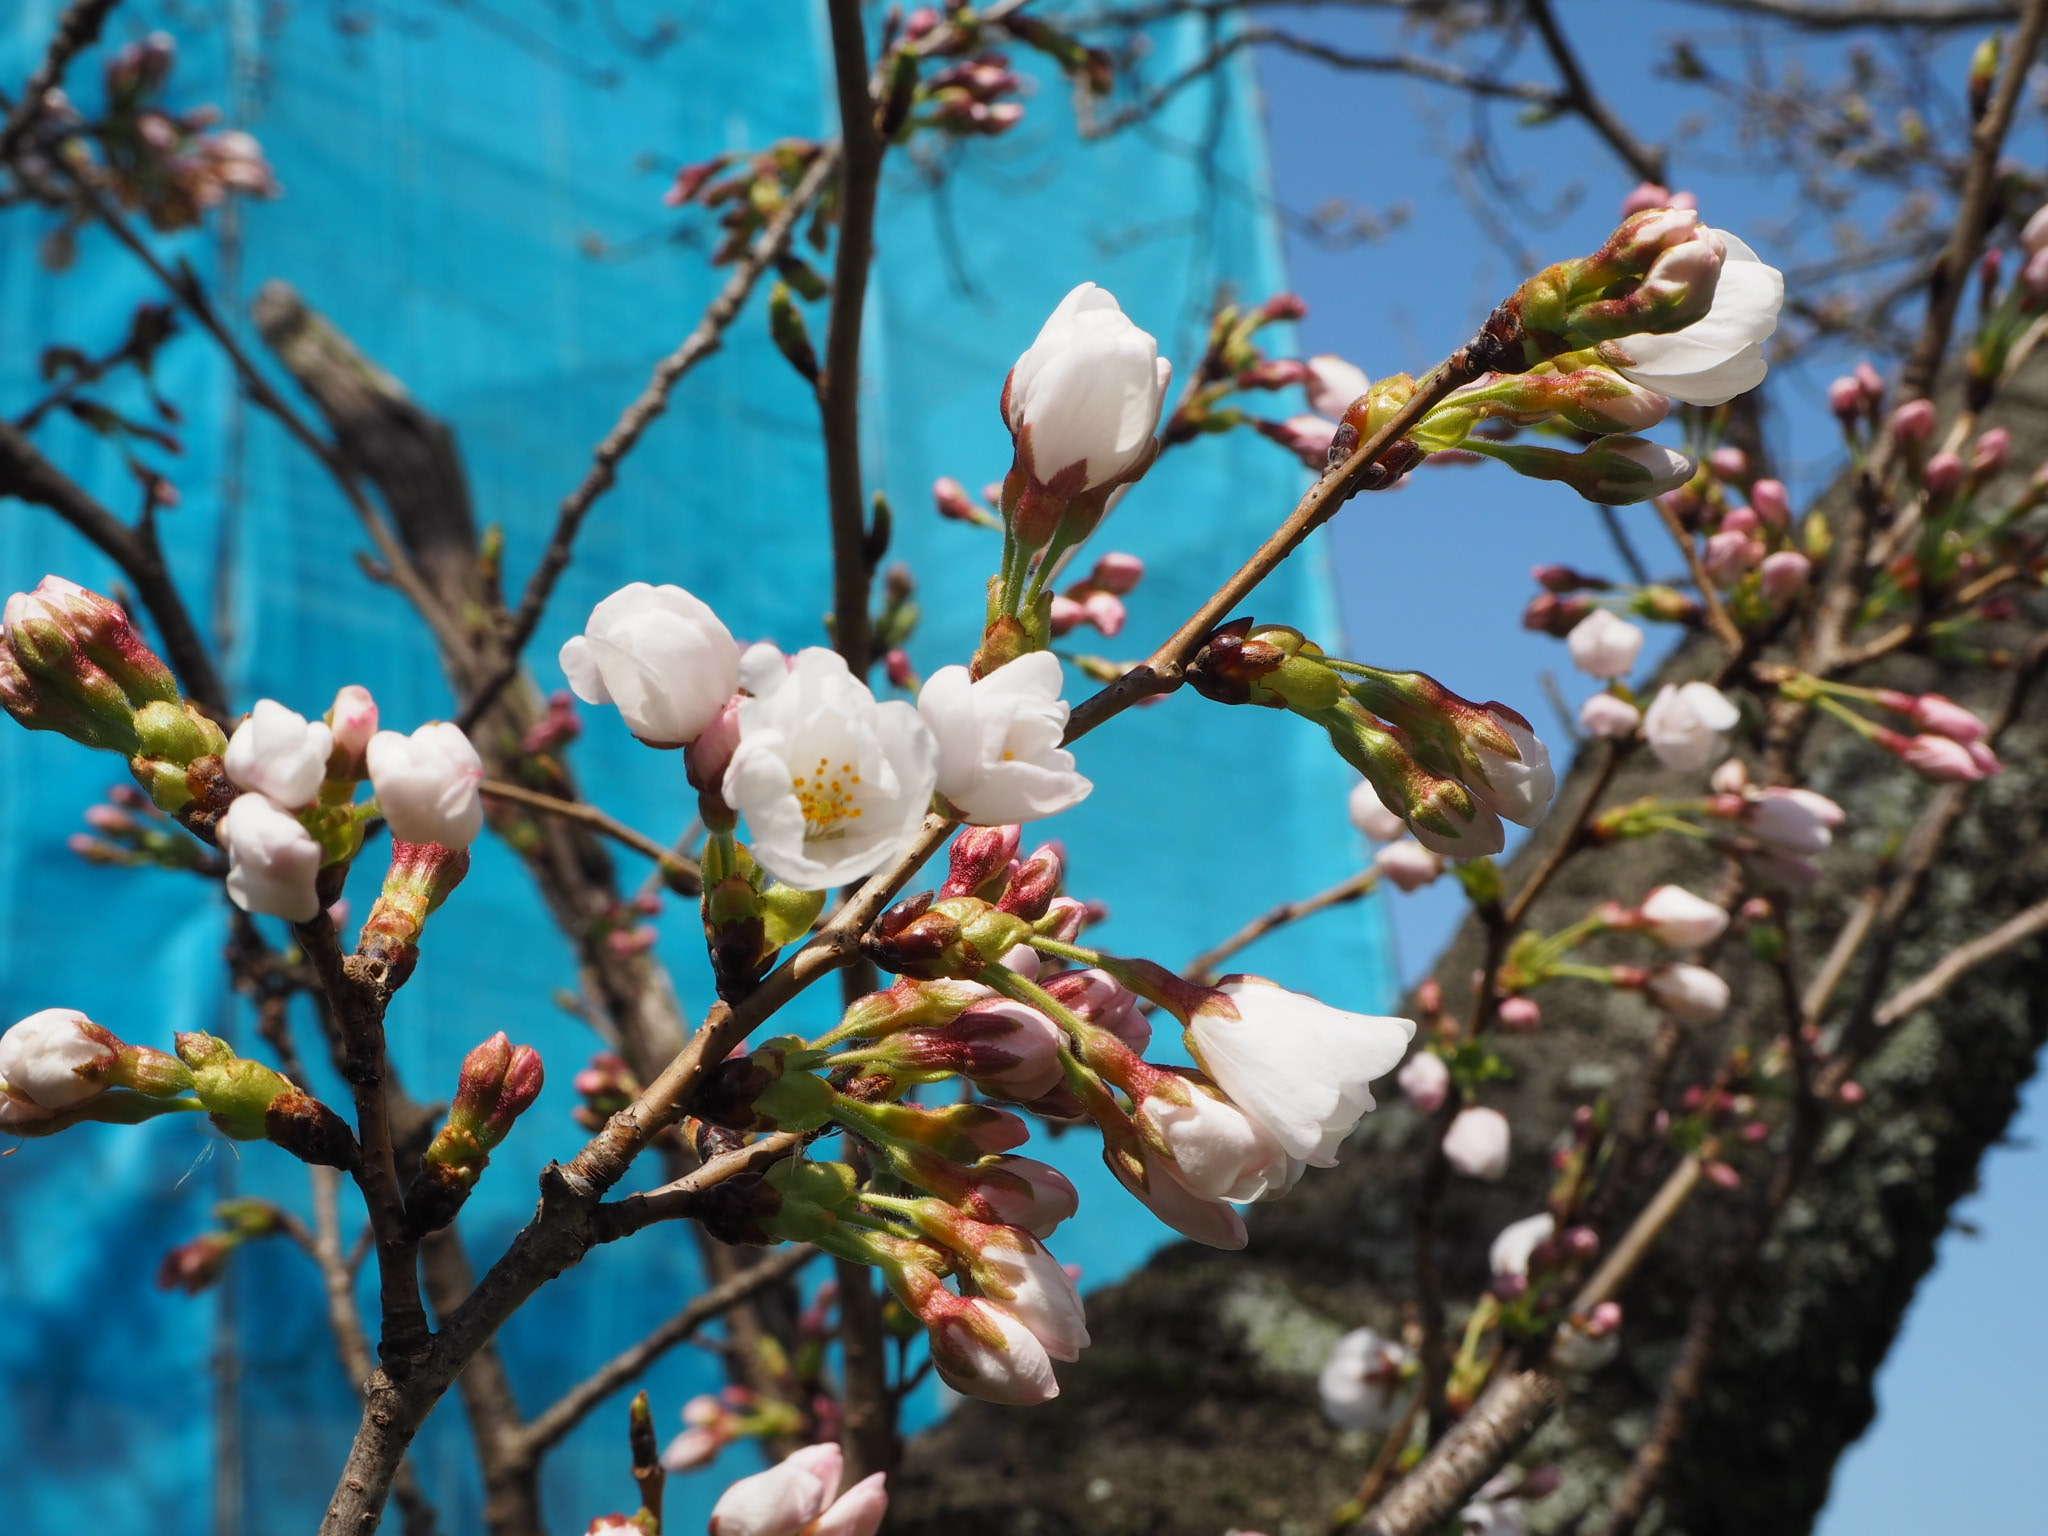 image お花見の季節になりましたね